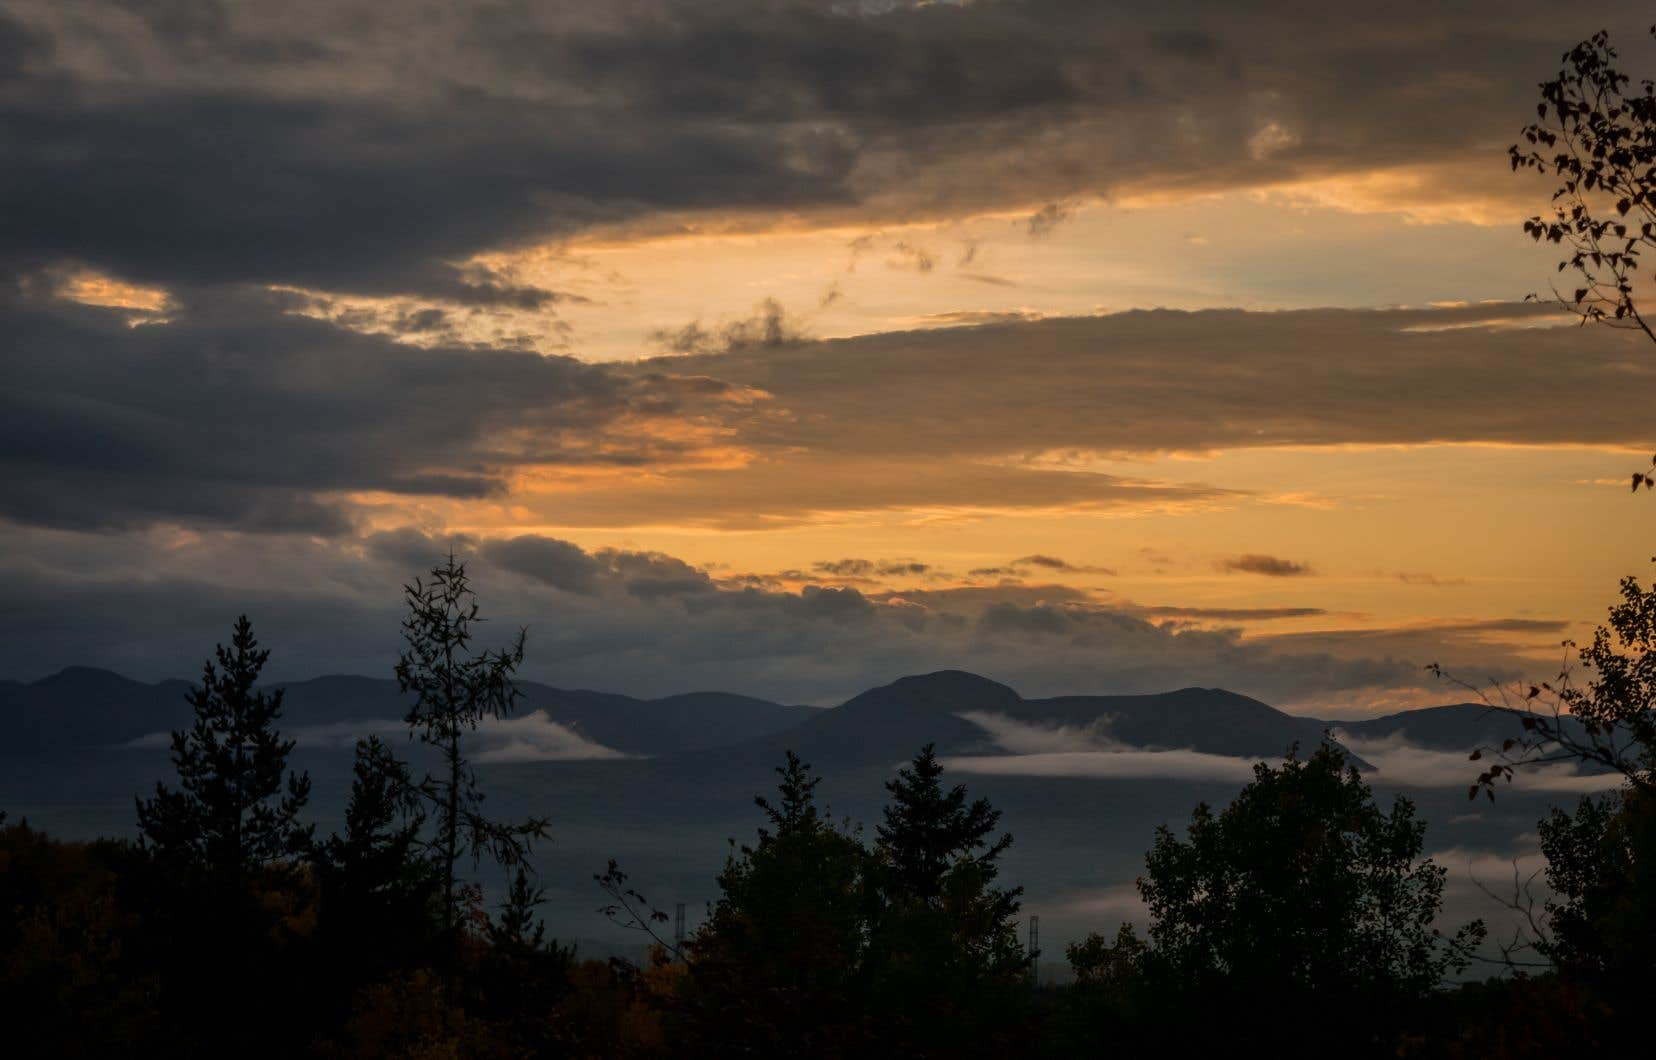 La région de Charlevoix, où Territoire proposera un concept de camping axé sur l'authenticité et l'intimité.